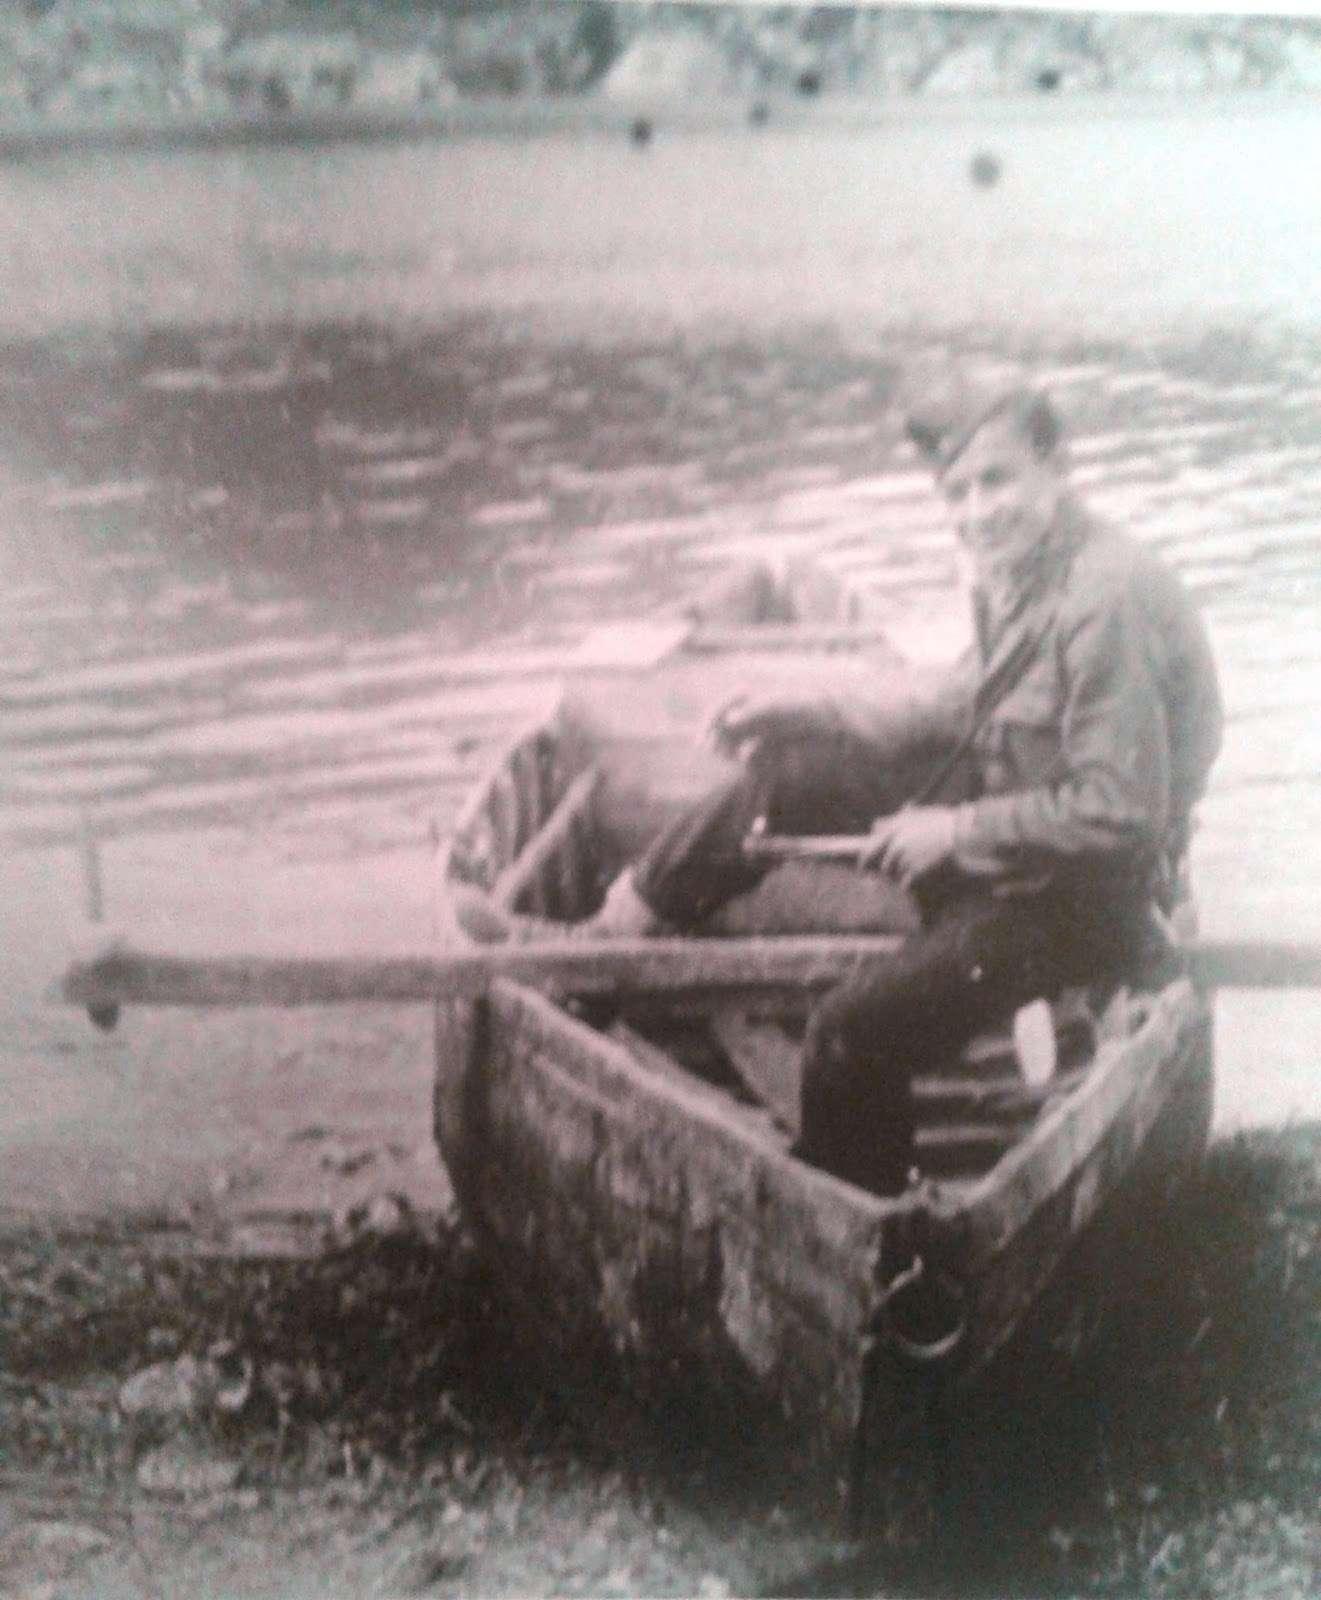 Μαχητής του ΔΣΕ σε βάρκα στη λίμνη των Πρεσπών